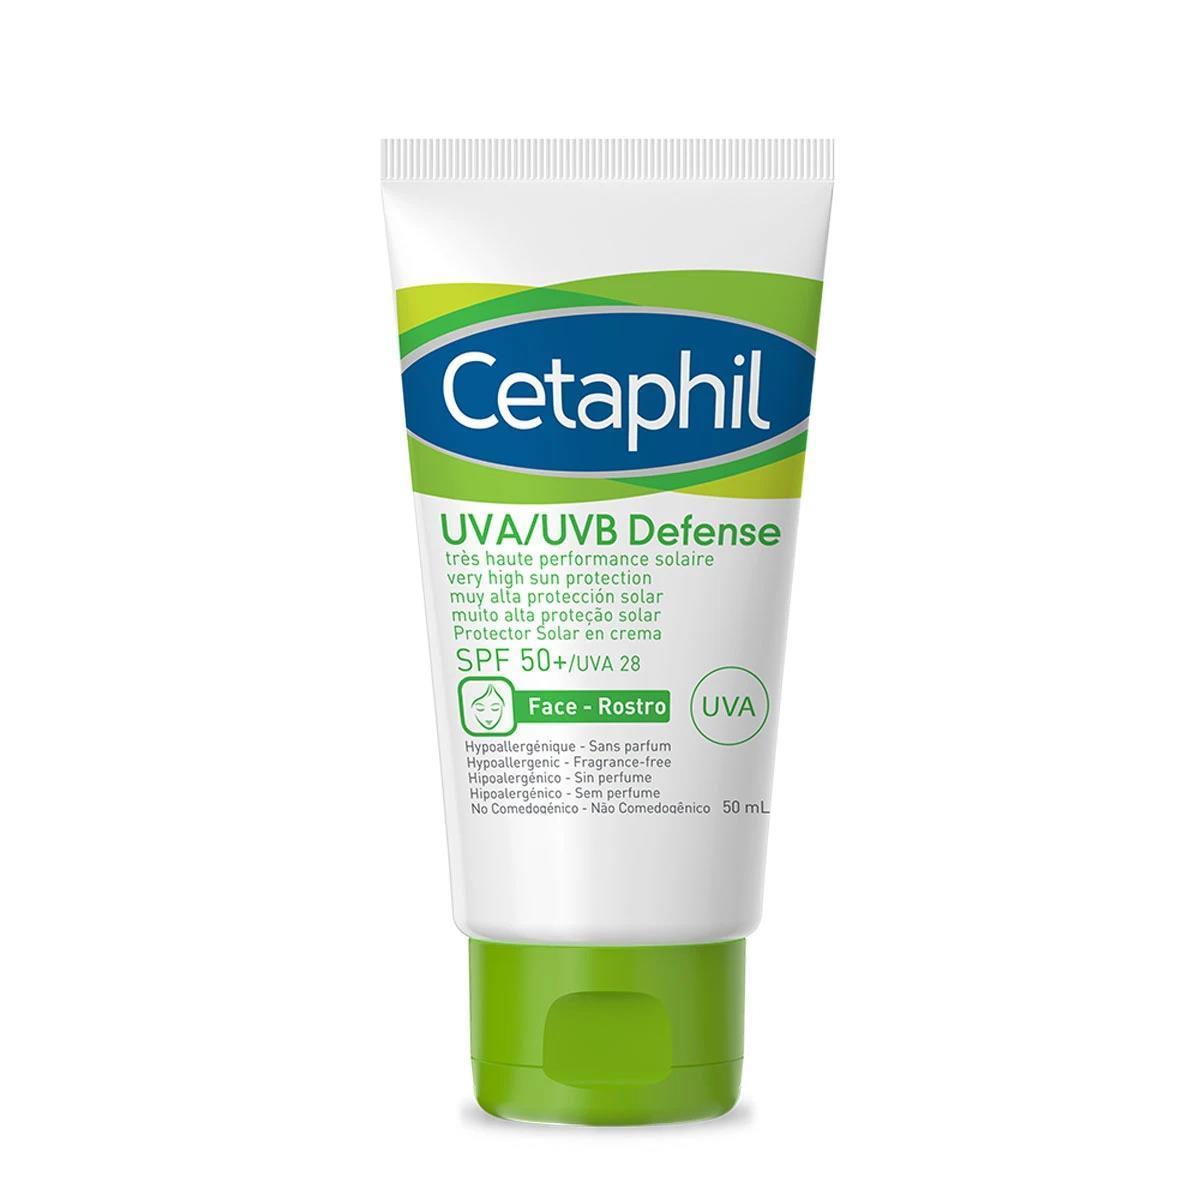 Cetaphil Defenses Fps50+ Uva 29 50 Ml